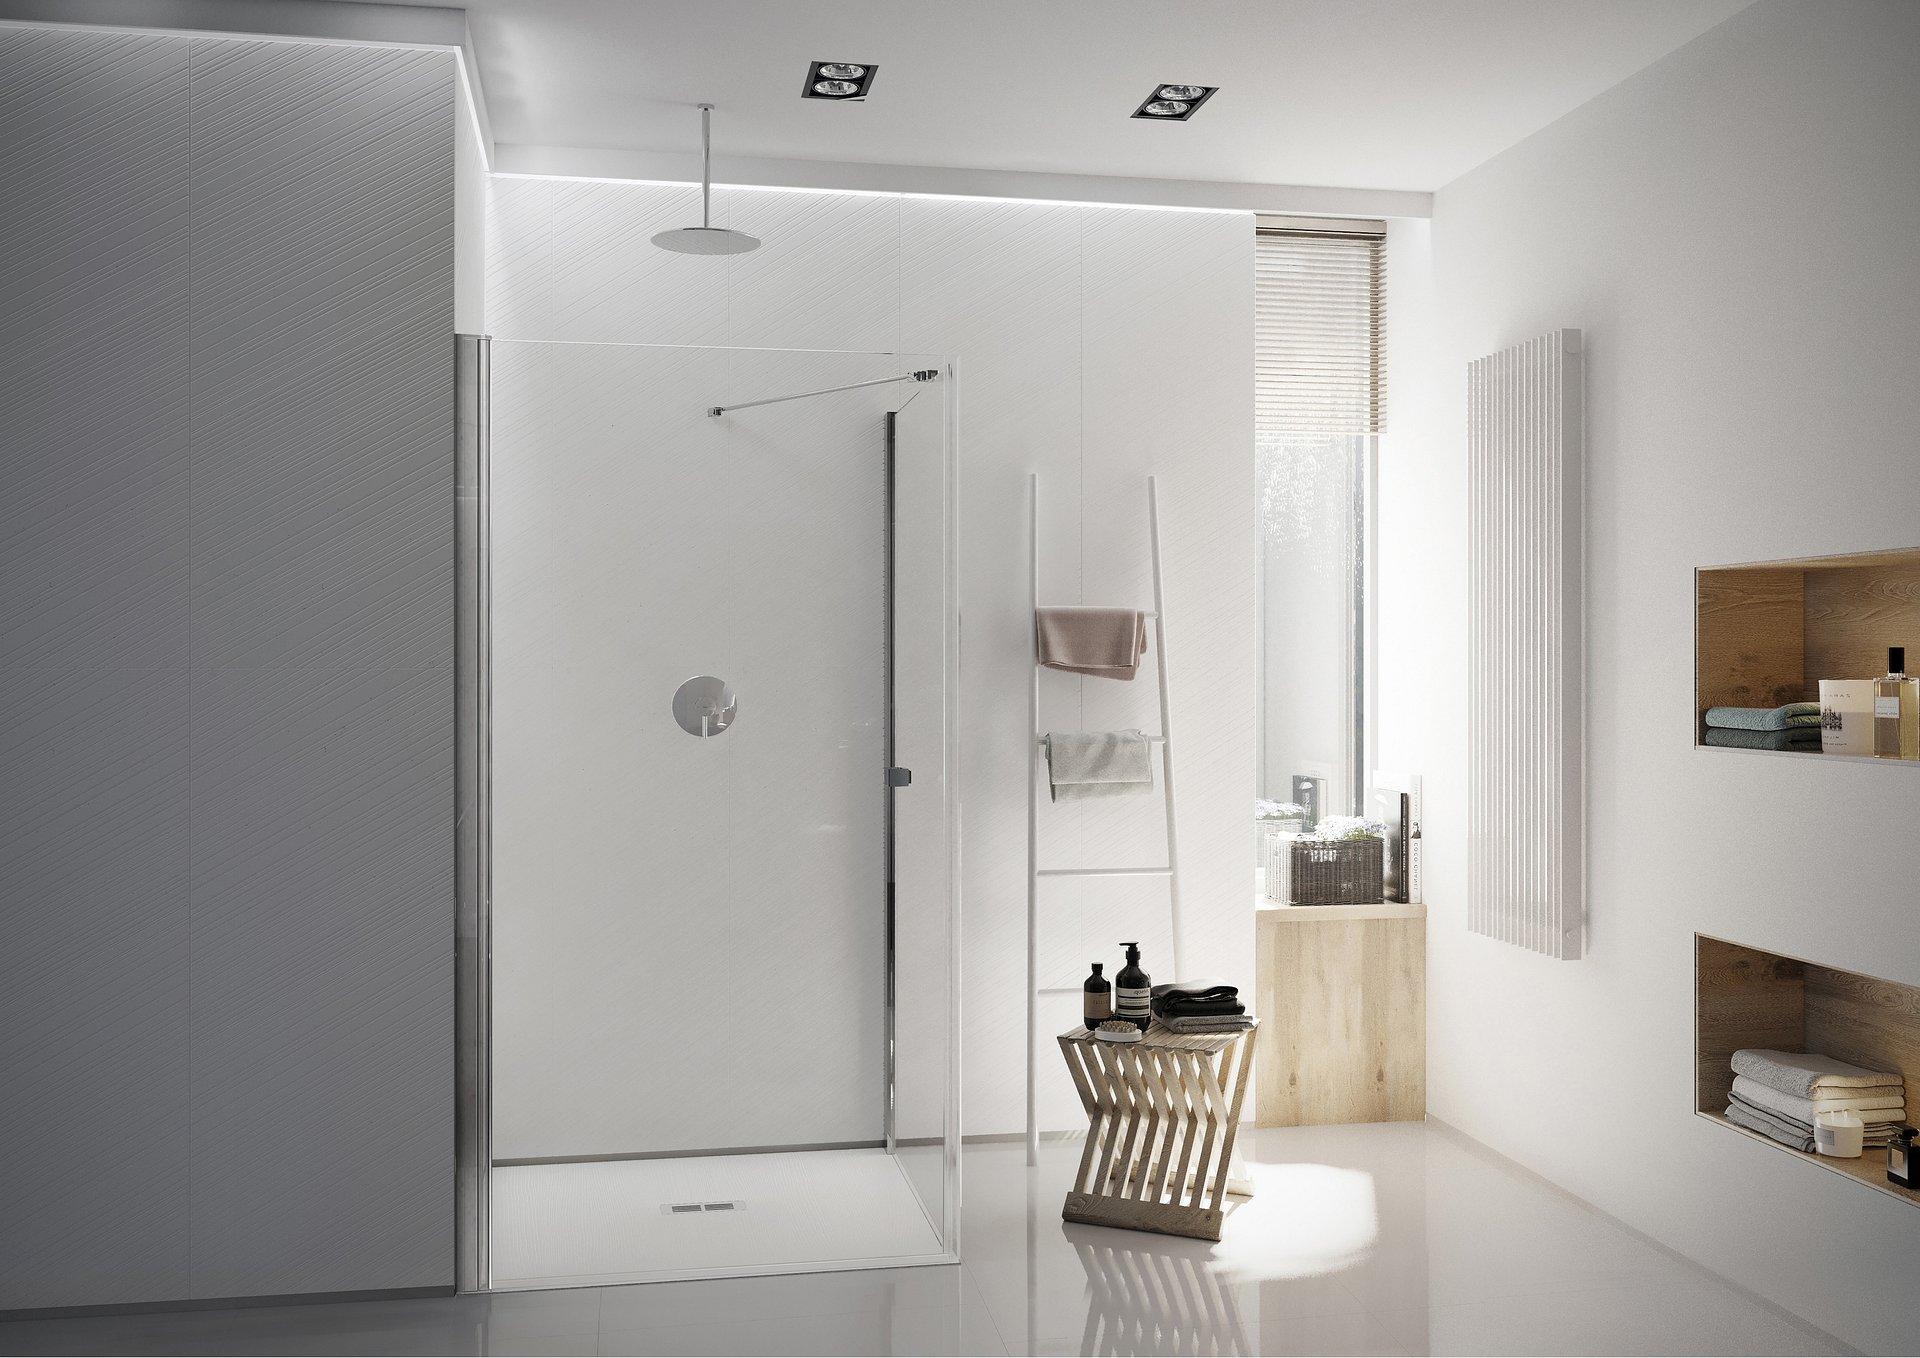 Teraz ty decydujesz jak ma wyglądać twoja strefa relaksu. Capital - minimalistyczne kabiny prysznicowe Roca dają wiele możliwości.